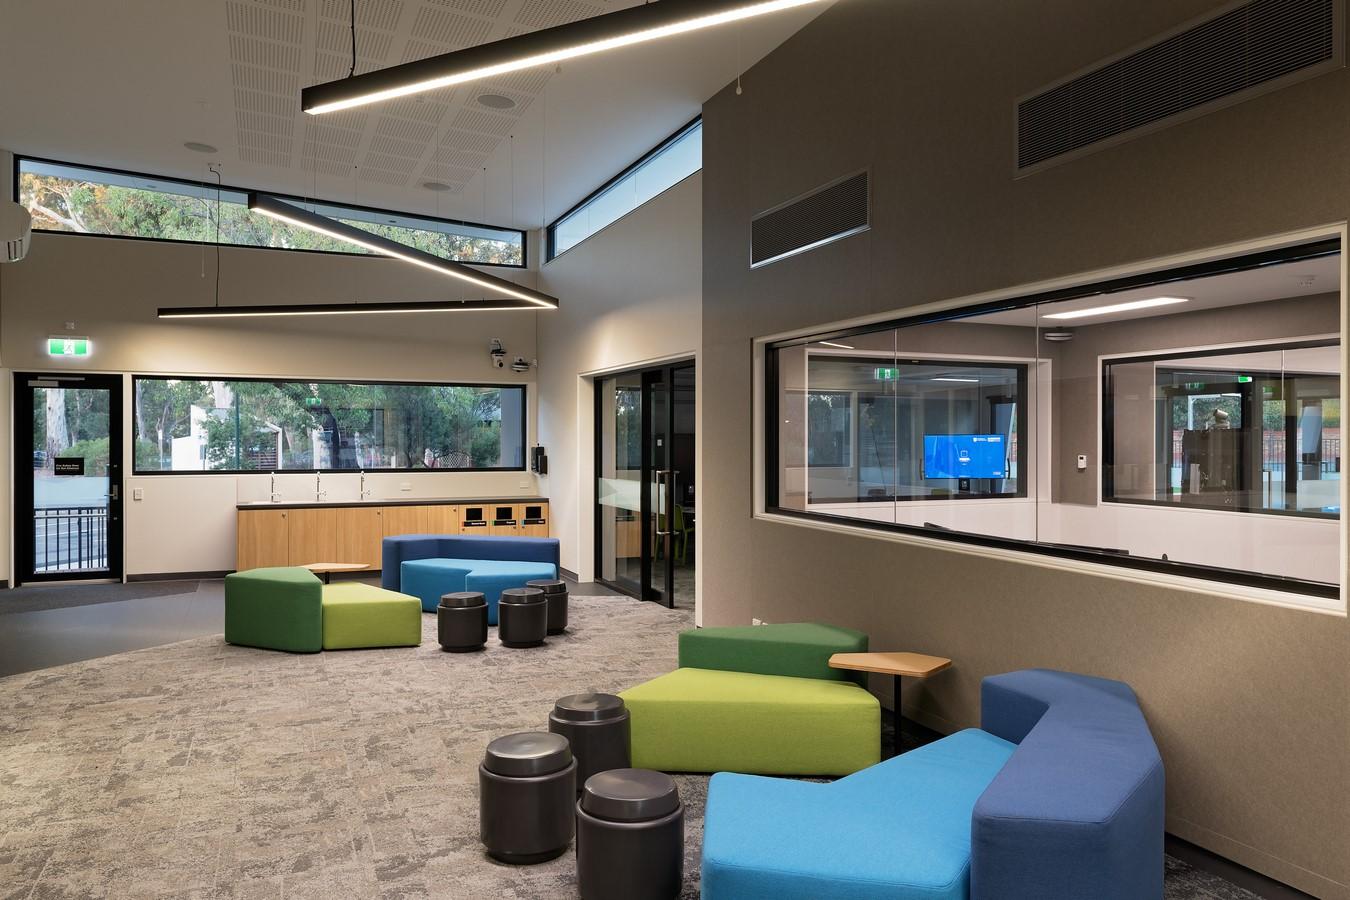 UniSA Samsung SMART School by DesignInc - Sheet3